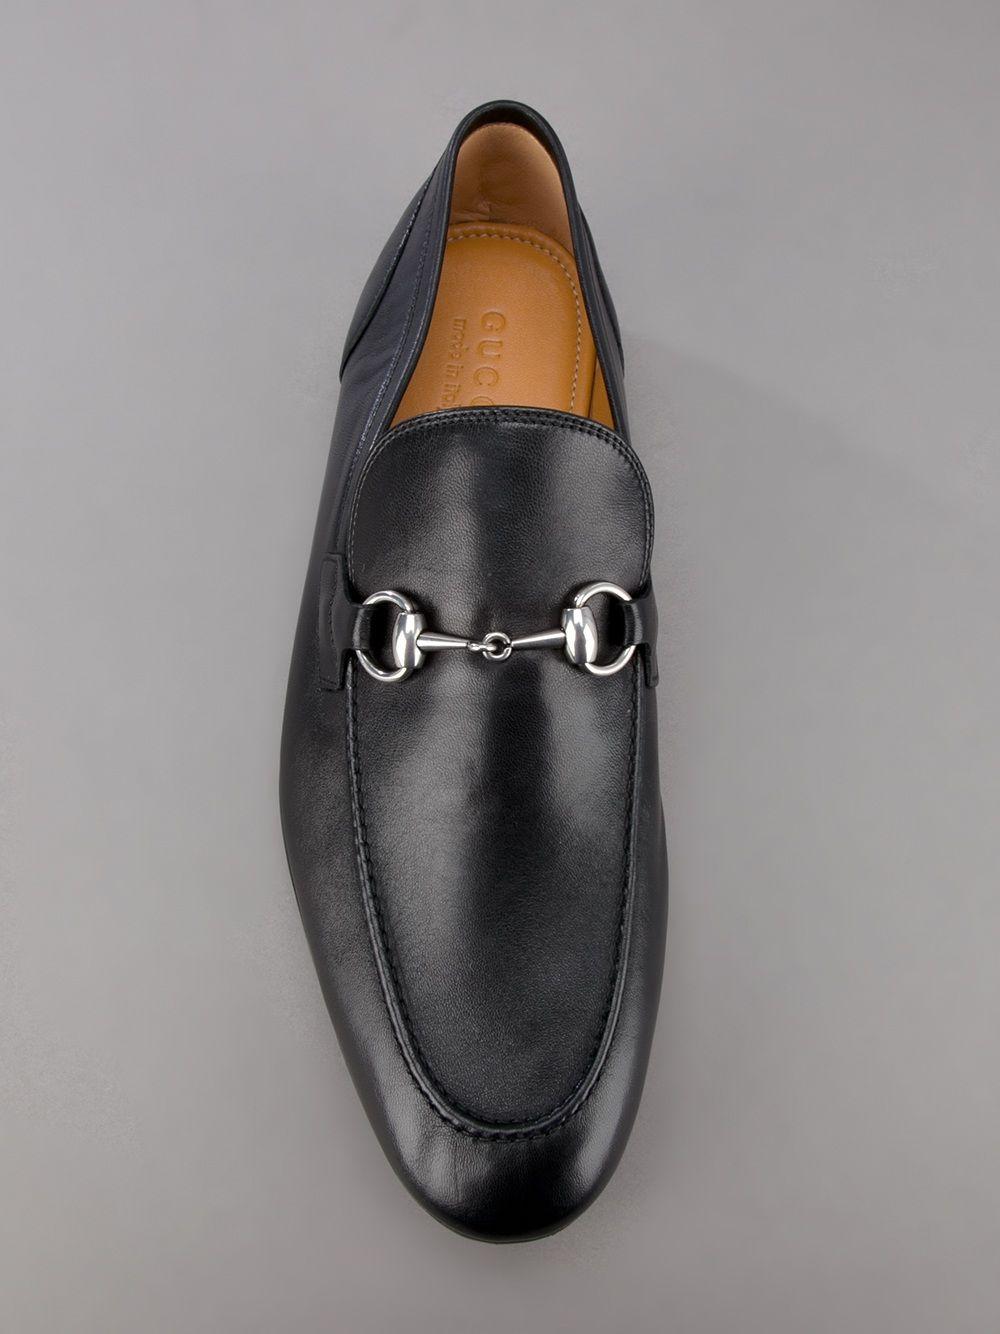 gucci leather loafer in black for men erkek pinterest. Black Bedroom Furniture Sets. Home Design Ideas